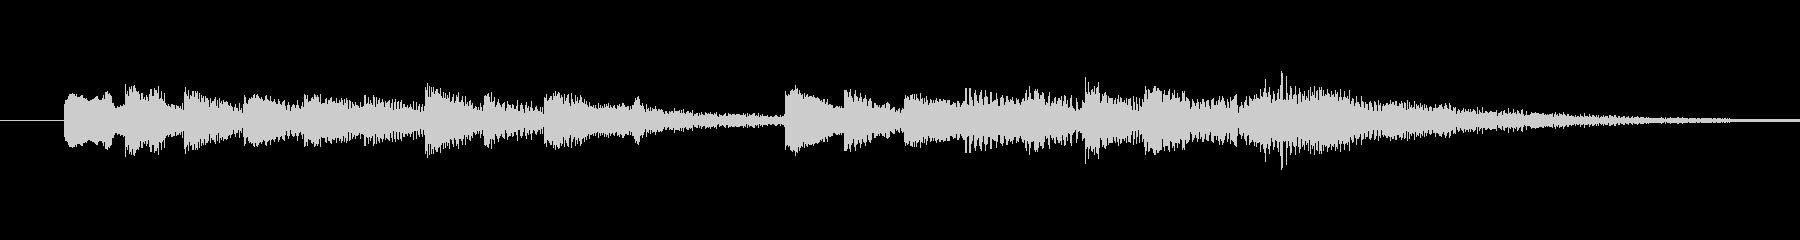 爽やかなオープンベル音 strings…の未再生の波形